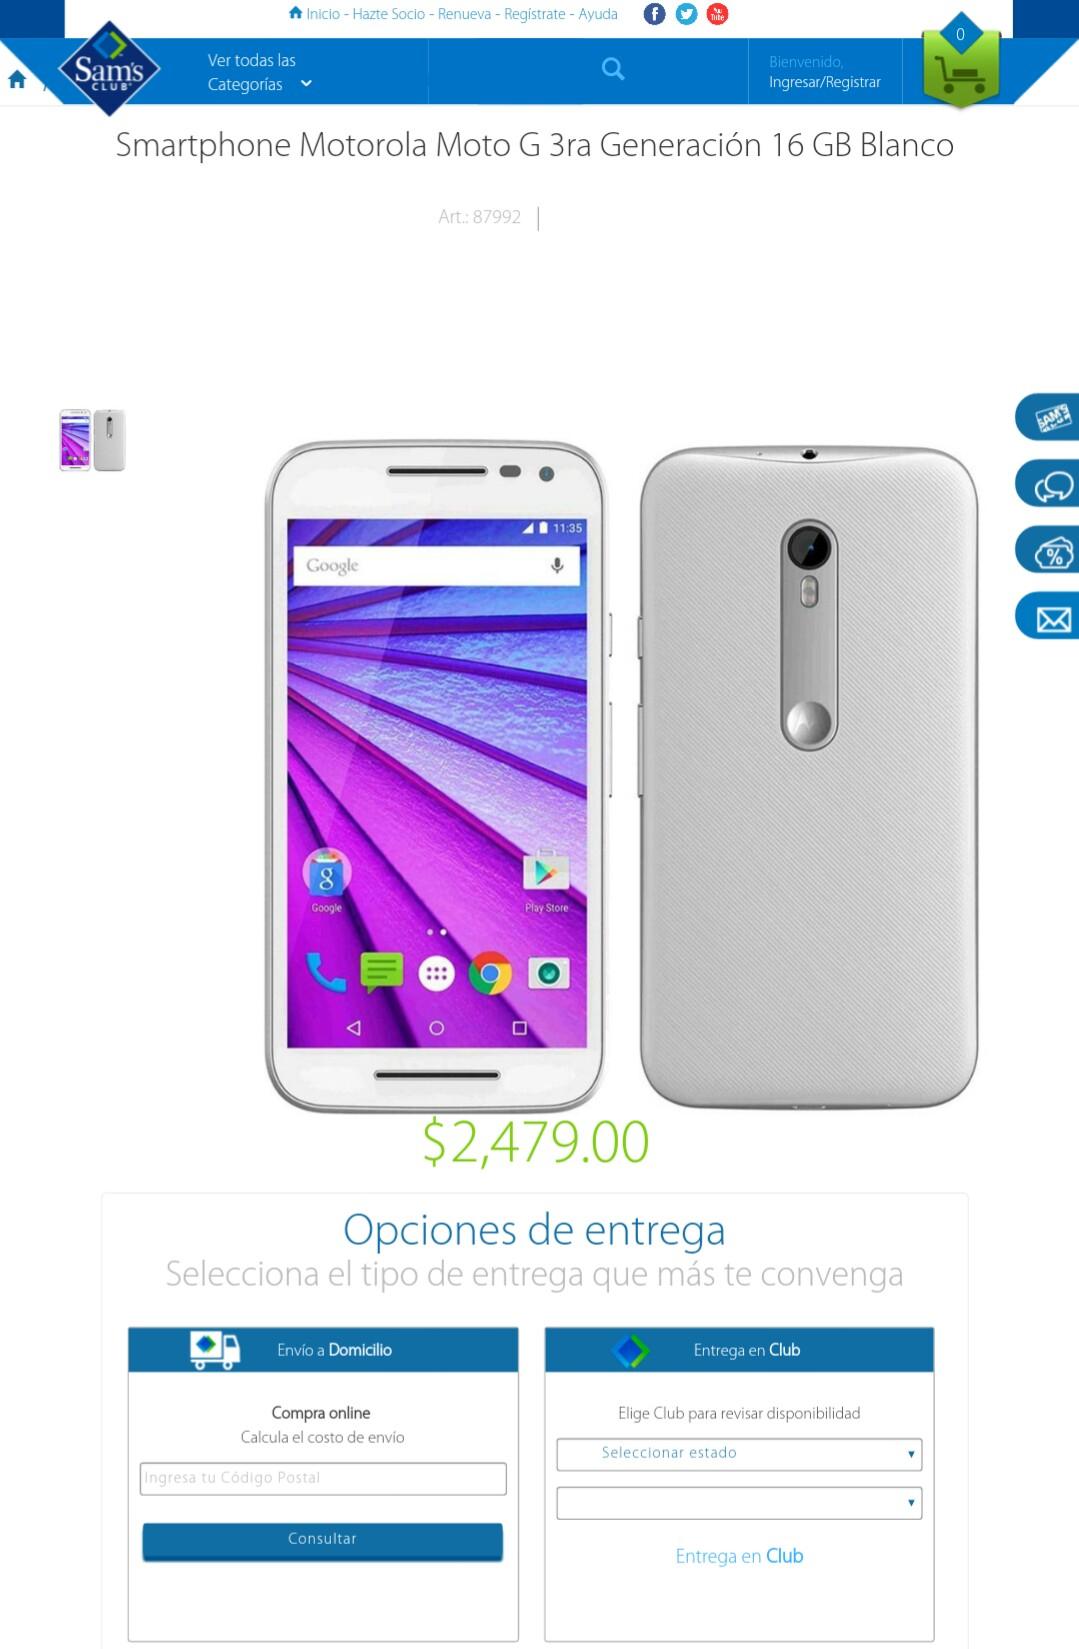 Sam's Club en línea: Motorola Moto G 3a Generación 16 GB Blanco desbloqueado a $2,479